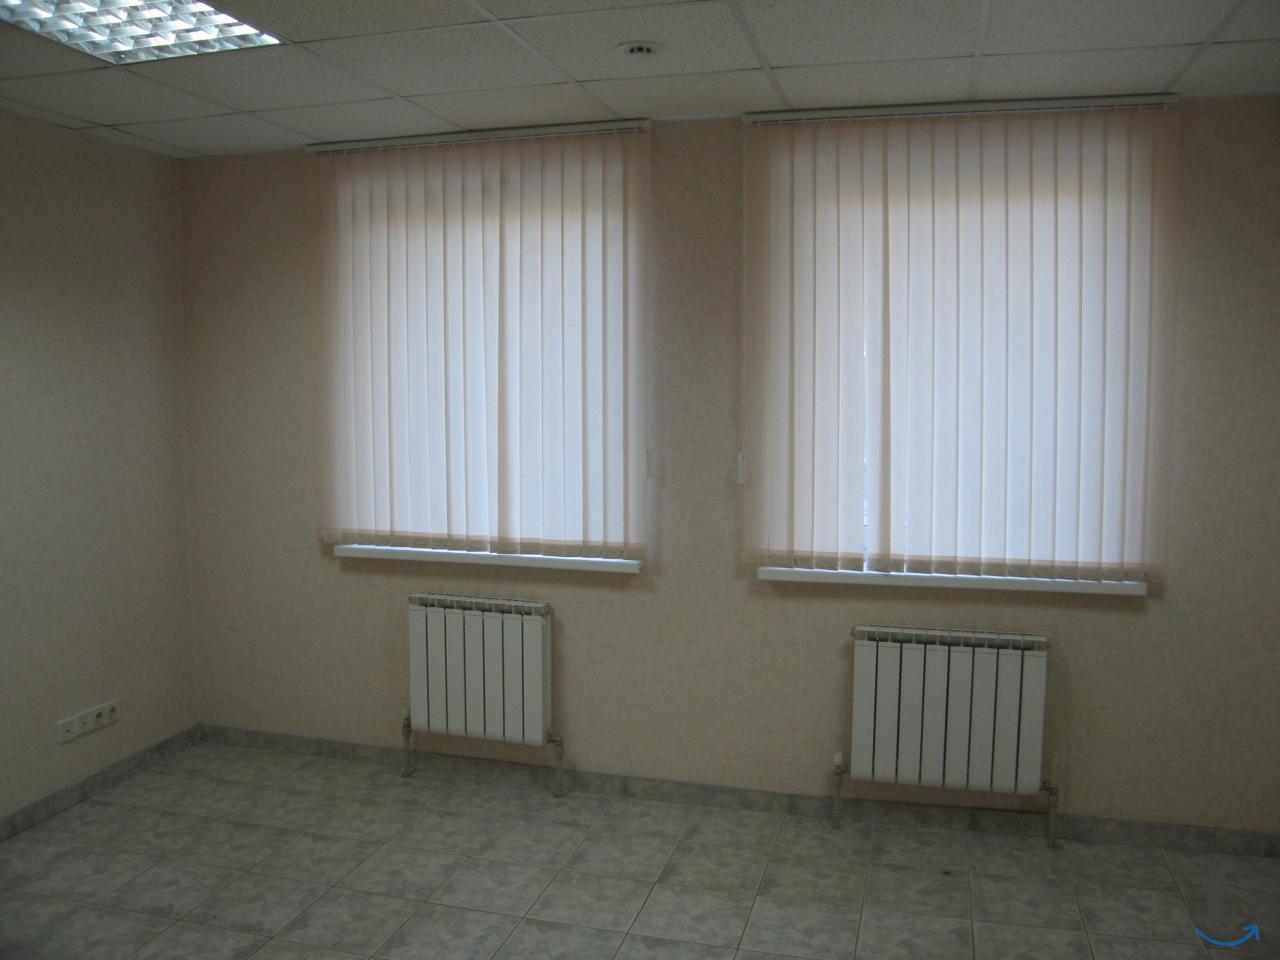 Сдам офис в аренду, 135 м2, можн...